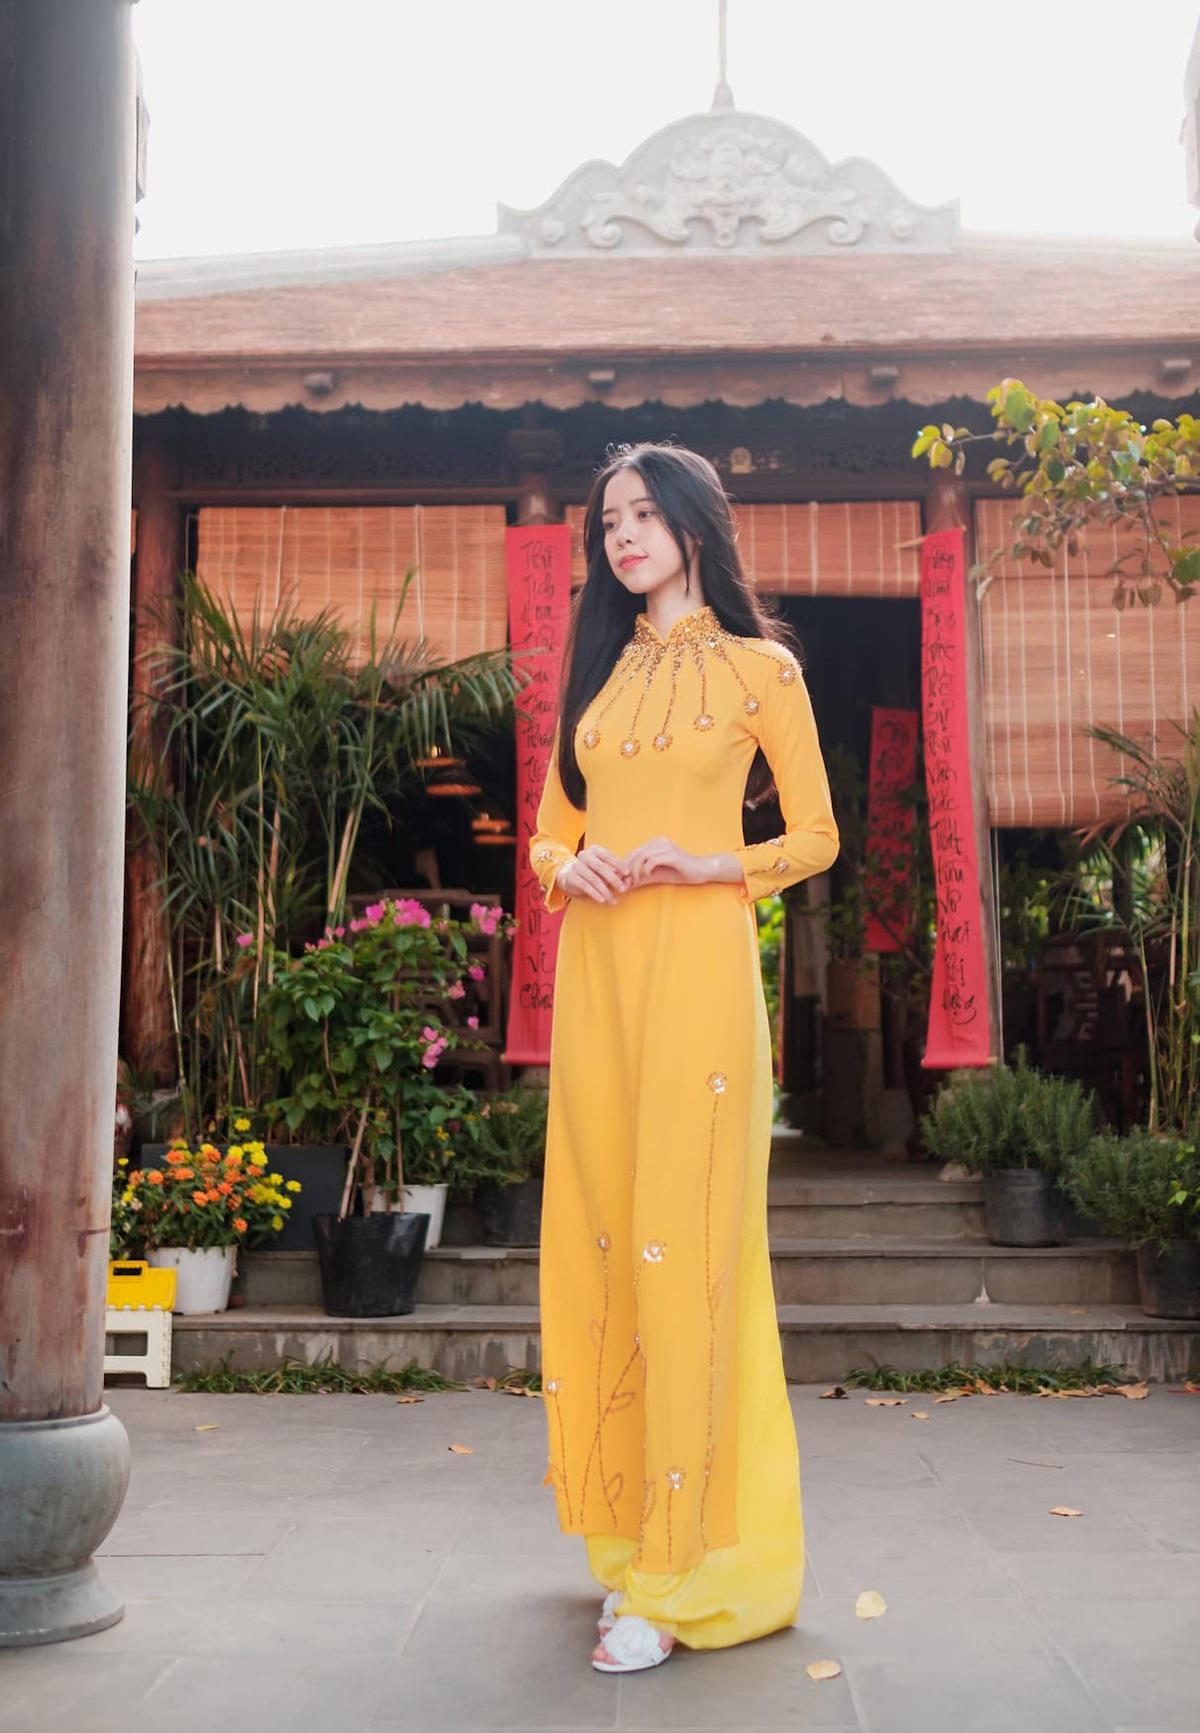 Nữ sinh Đà Nẵng khoe sắc xuân thì trong tà áo dài duyên dáng - 9